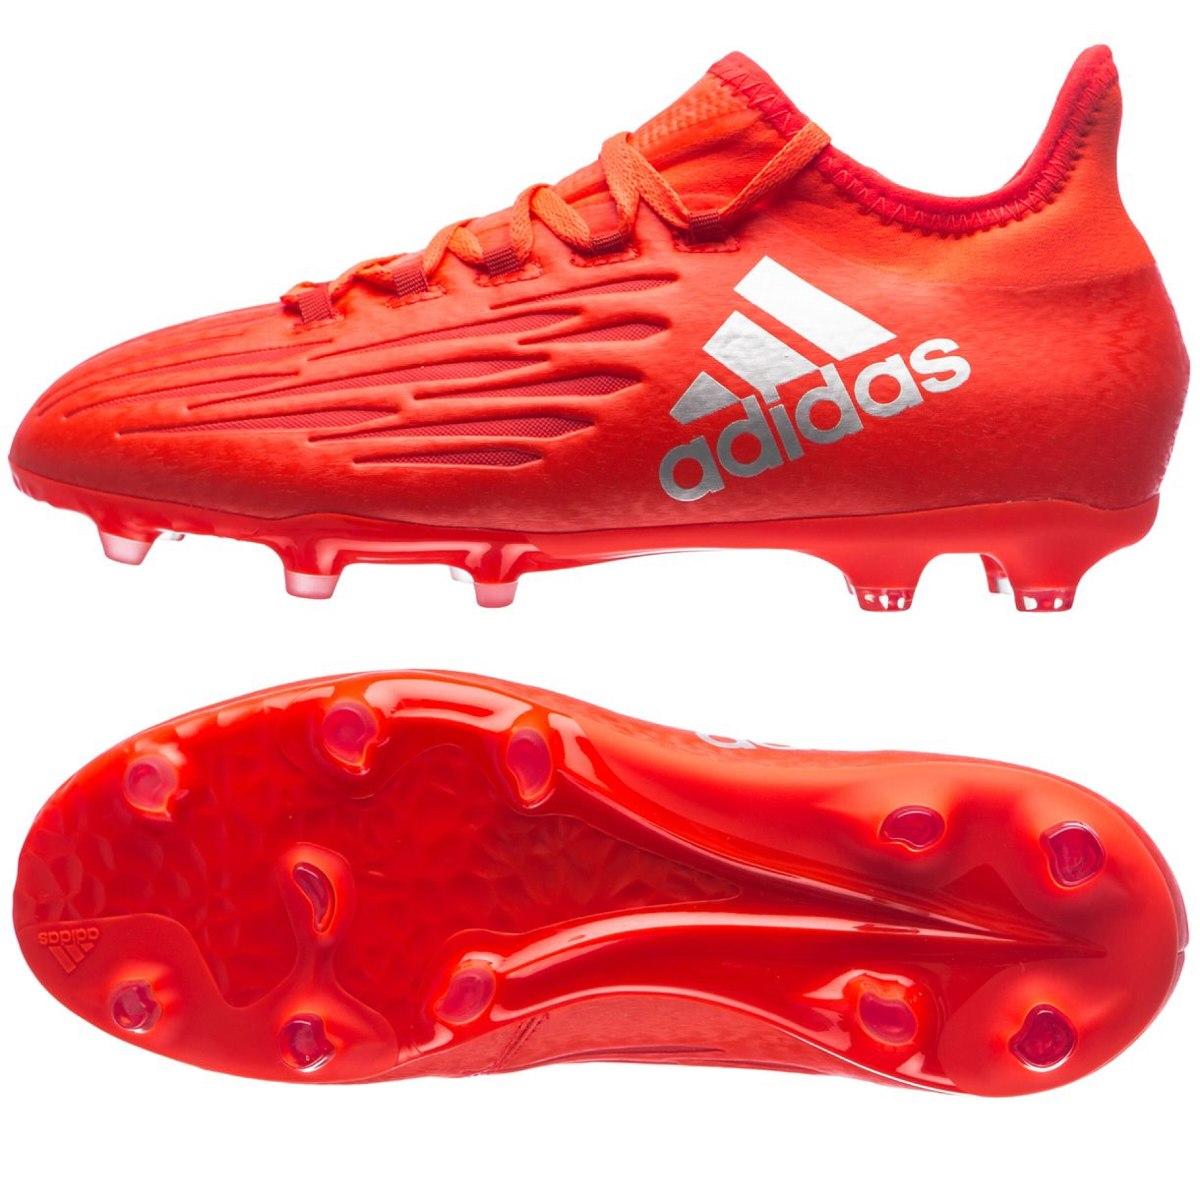 ... botines botitas adidas ace x 16.1 fg alta gama rojo original. cargando  zoom. bdea234c066e7